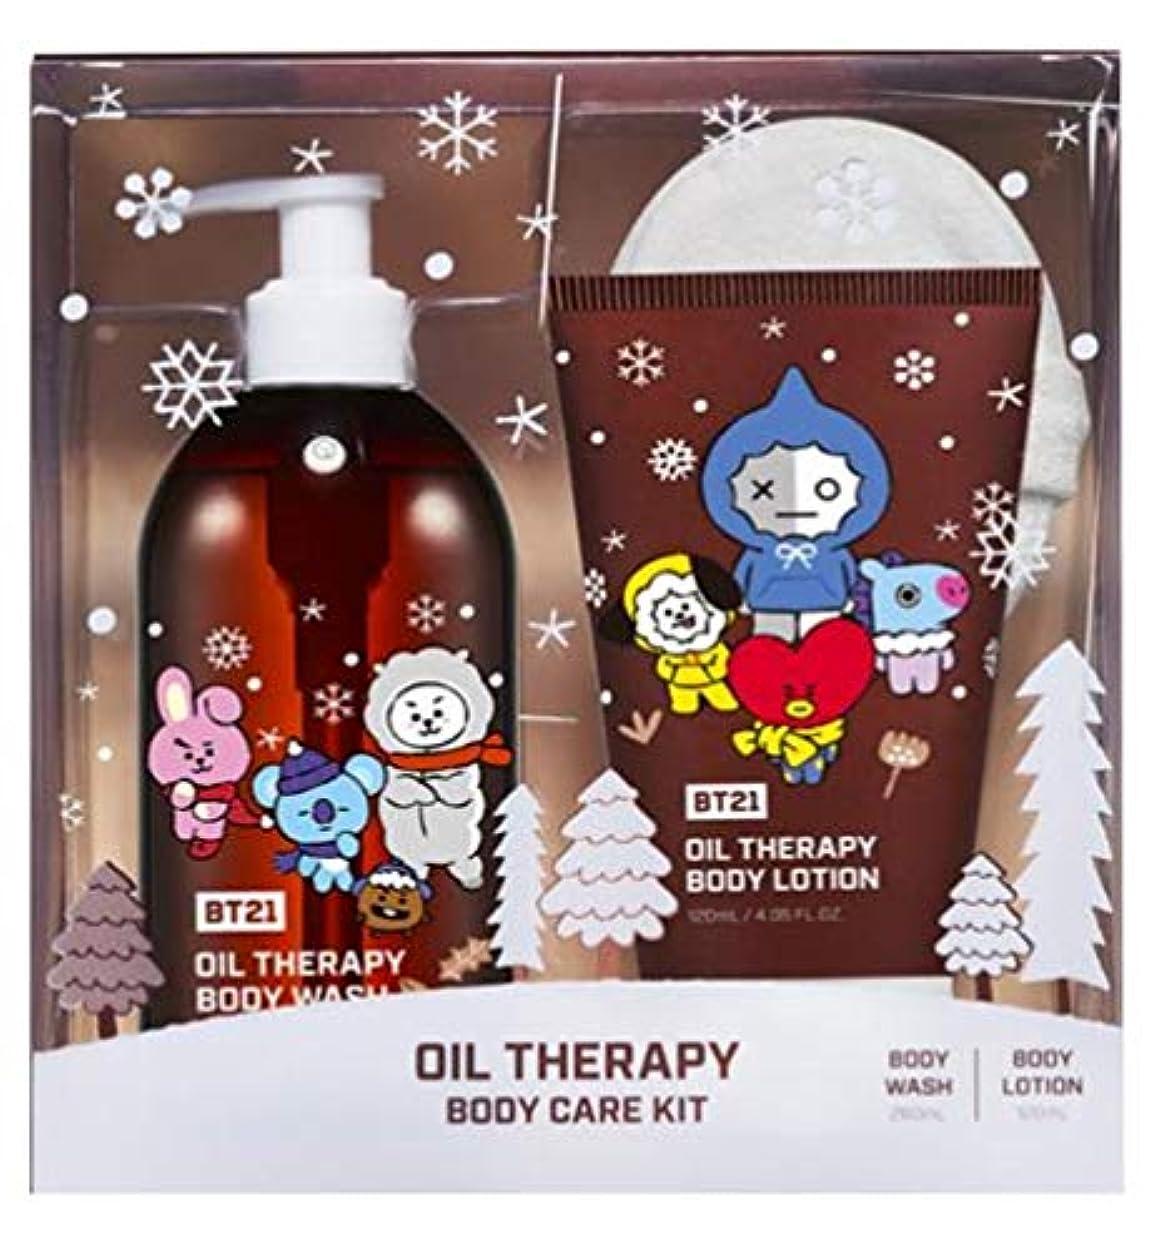 アレキサンダーグラハムベル操作可能レンジ[BT21]防弾少年団BT21 Oil Therapy Body Care Kit(body wash+body lotion+body Sponge) ボディケアキット(海外直送品)